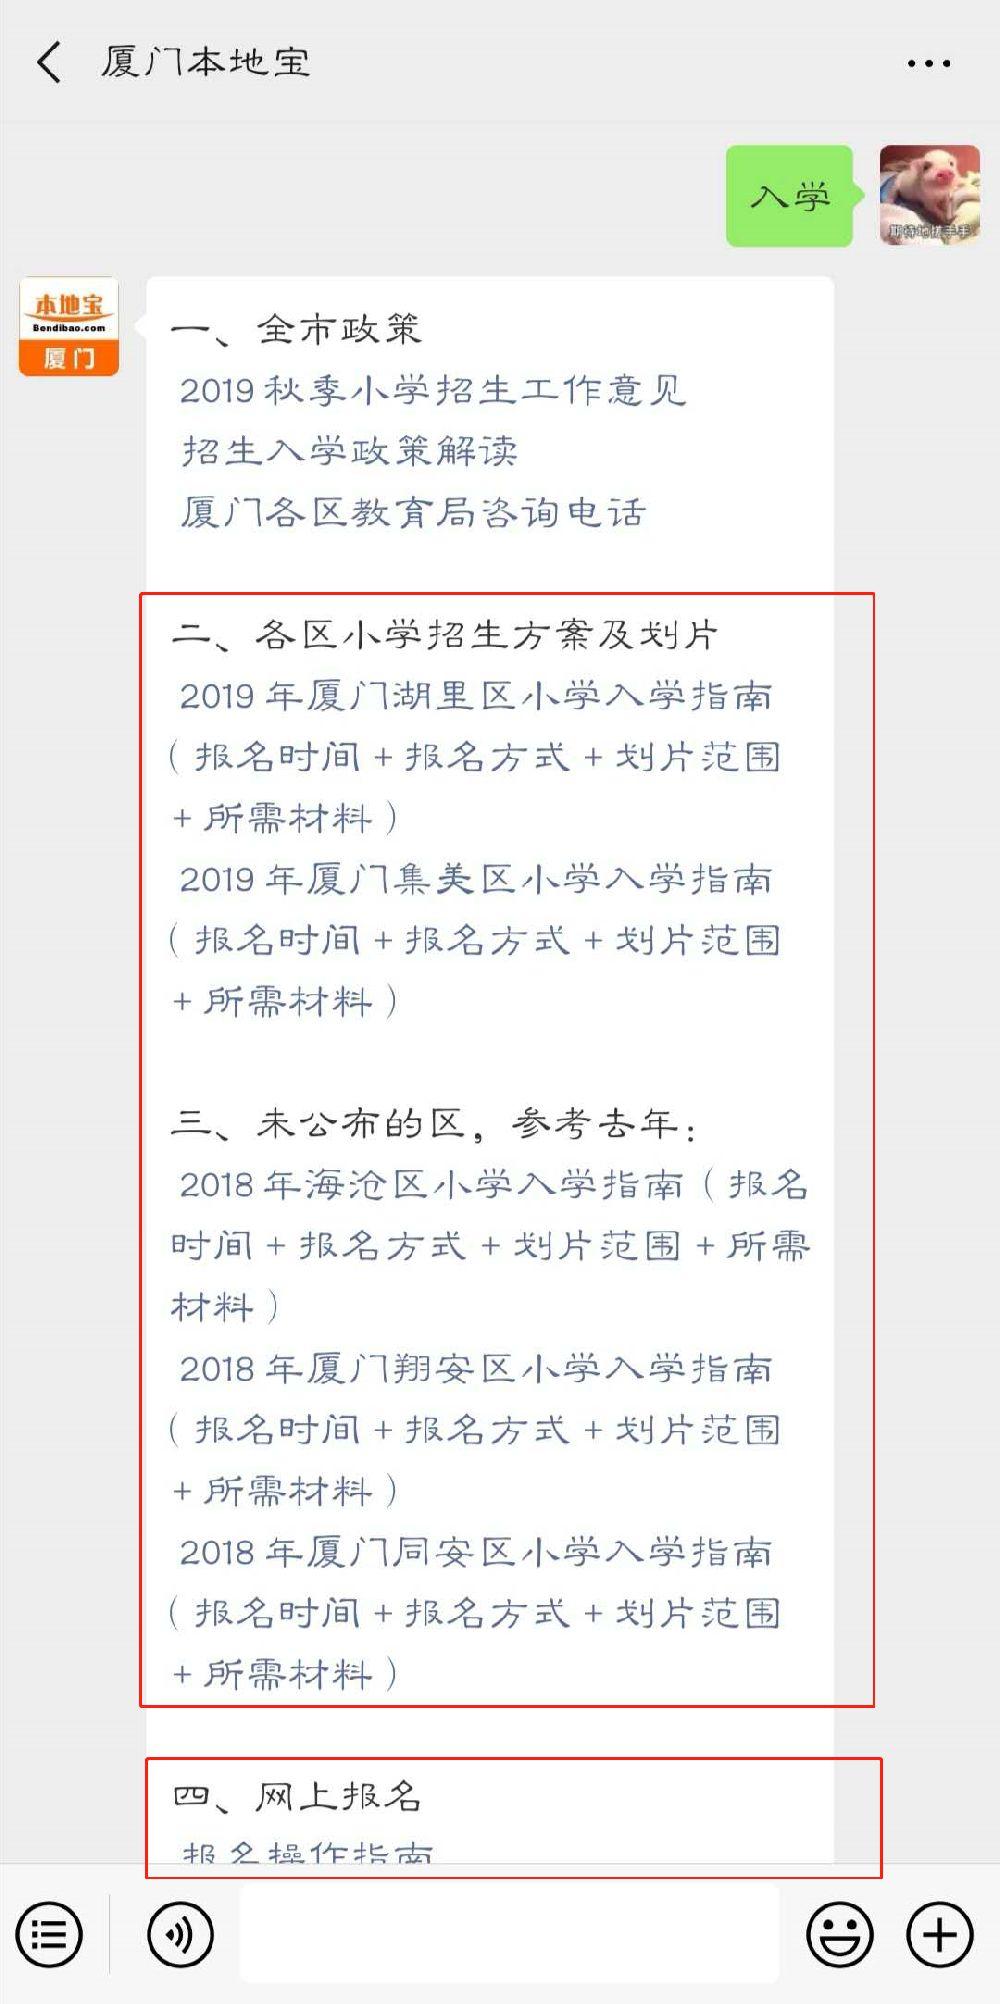 2019年湖里区本区户籍及港澳台外籍适龄儿童网上预约登记操作指南(电脑版)